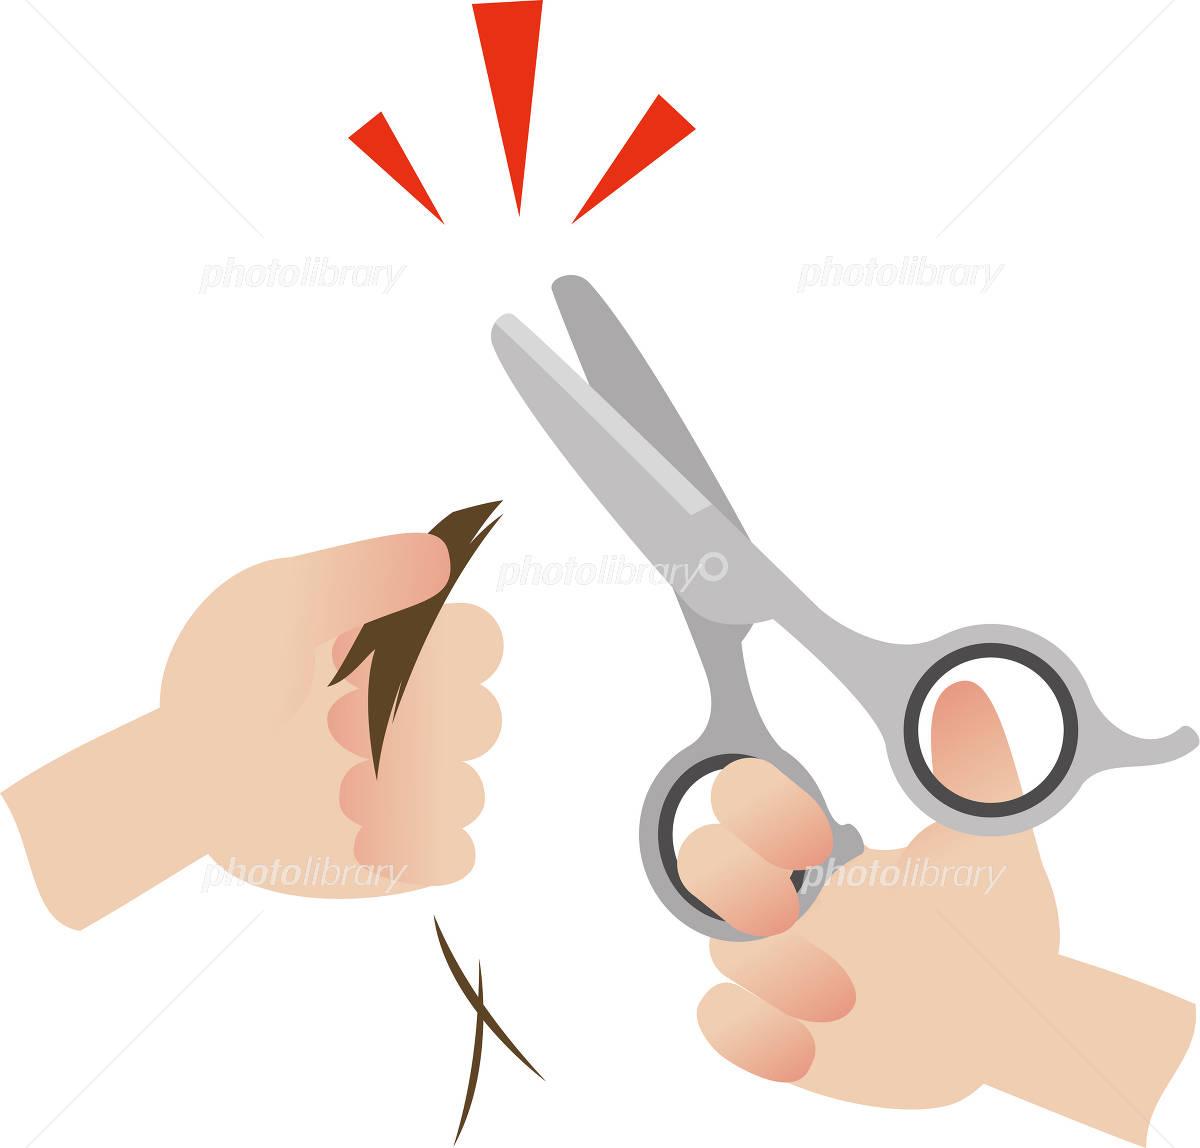 ハサミで髪を切る動作 イラスト素材 [ 2591921 ] - フォトライブラリー ...